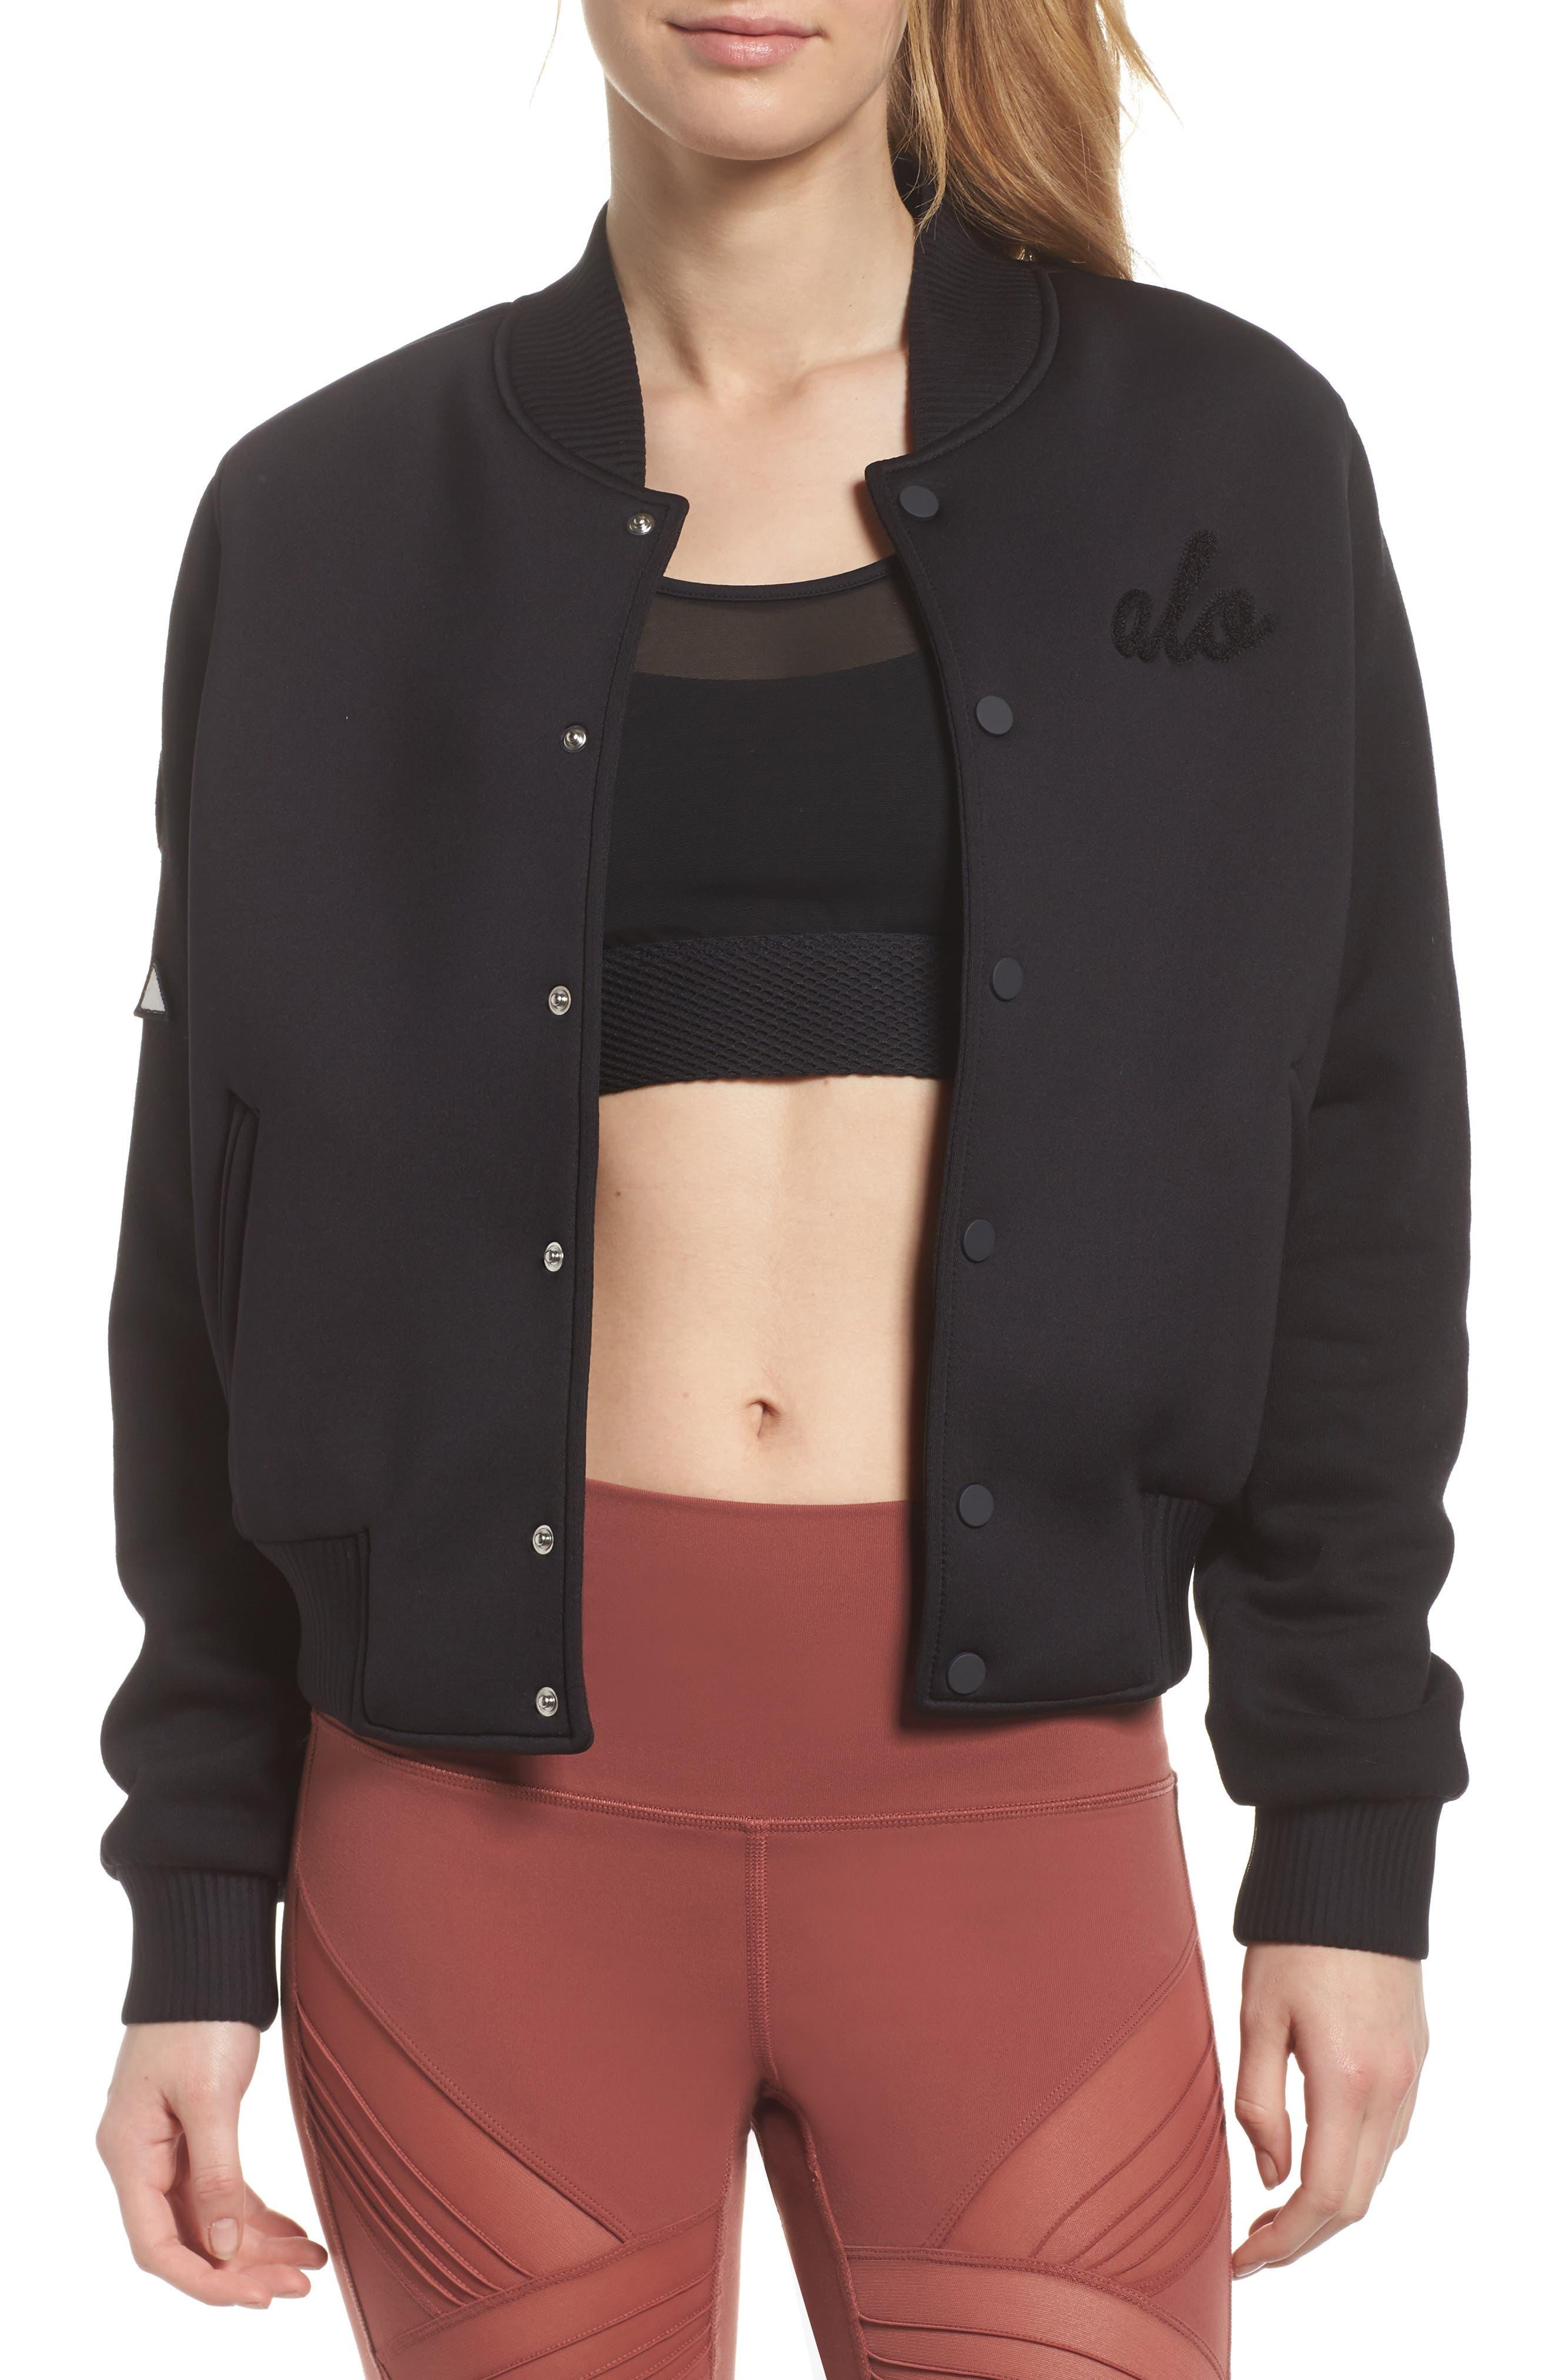 Alo League Varsity Jacket